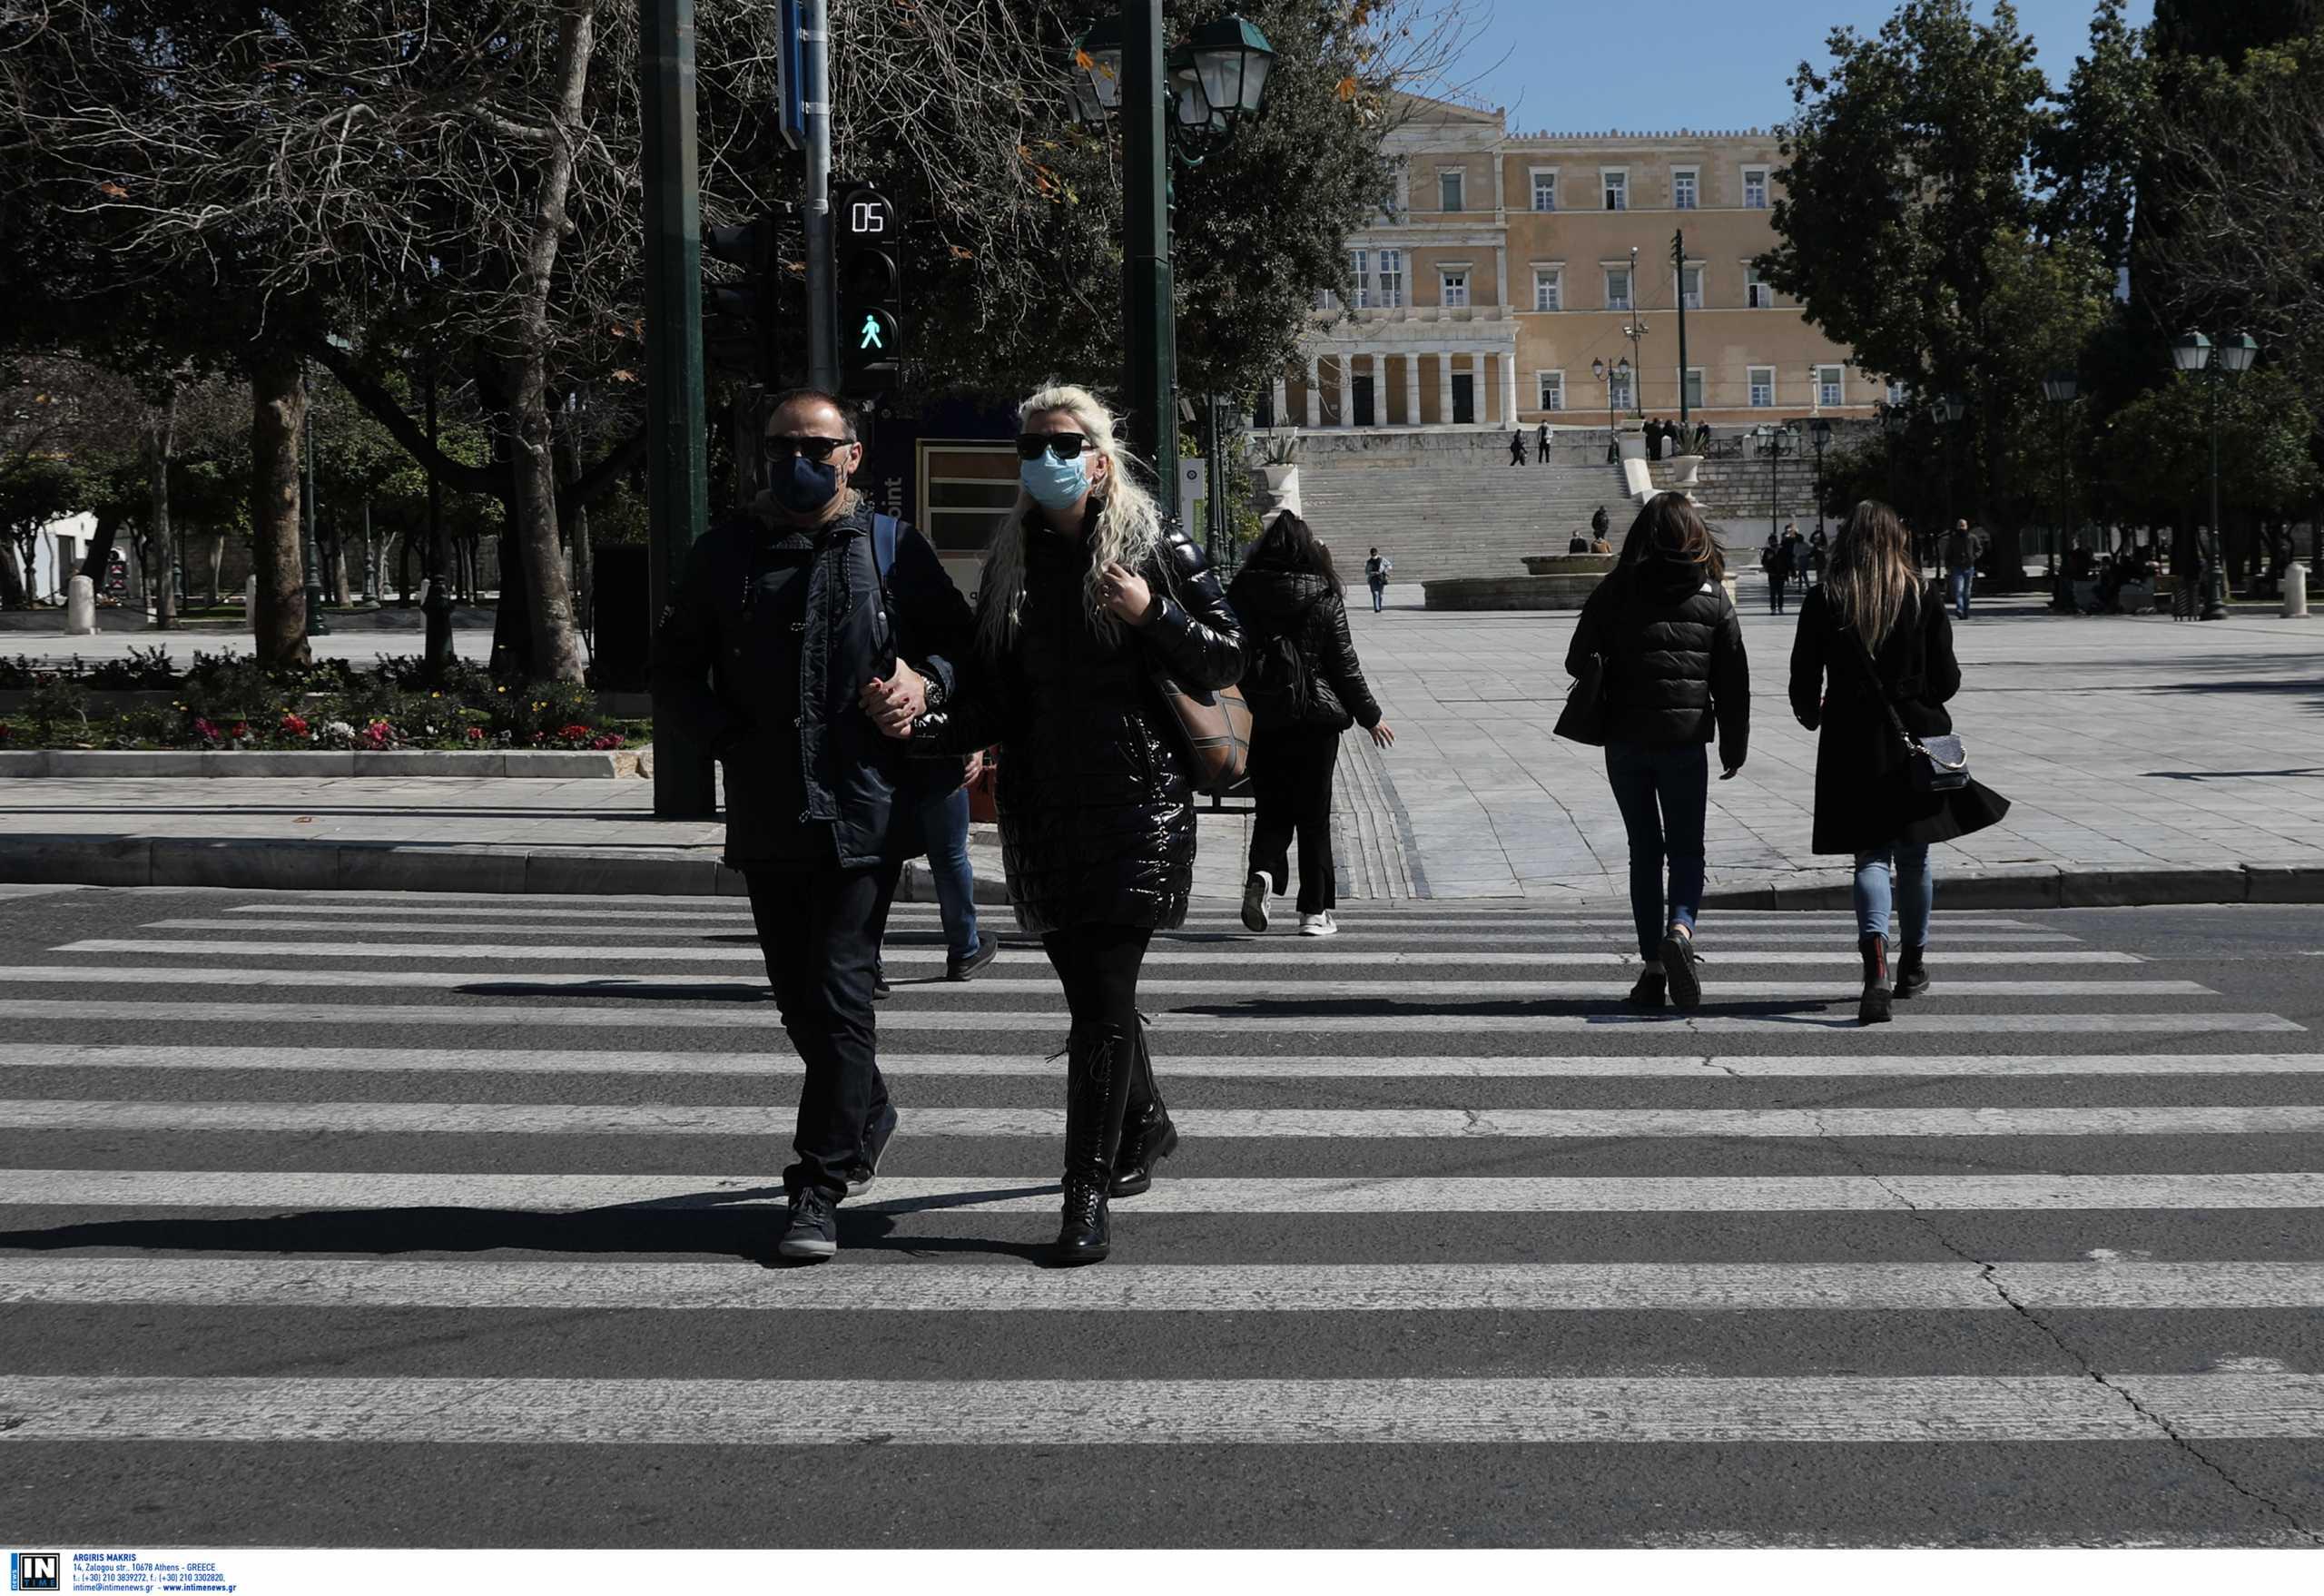 Κορονοϊός: Παραμένει «πρωταθλήτρια» η Αττική με 1.510 νέα κρούσματα – Οι περιοχές με τριψήφιο αριθμό μολύνσεων